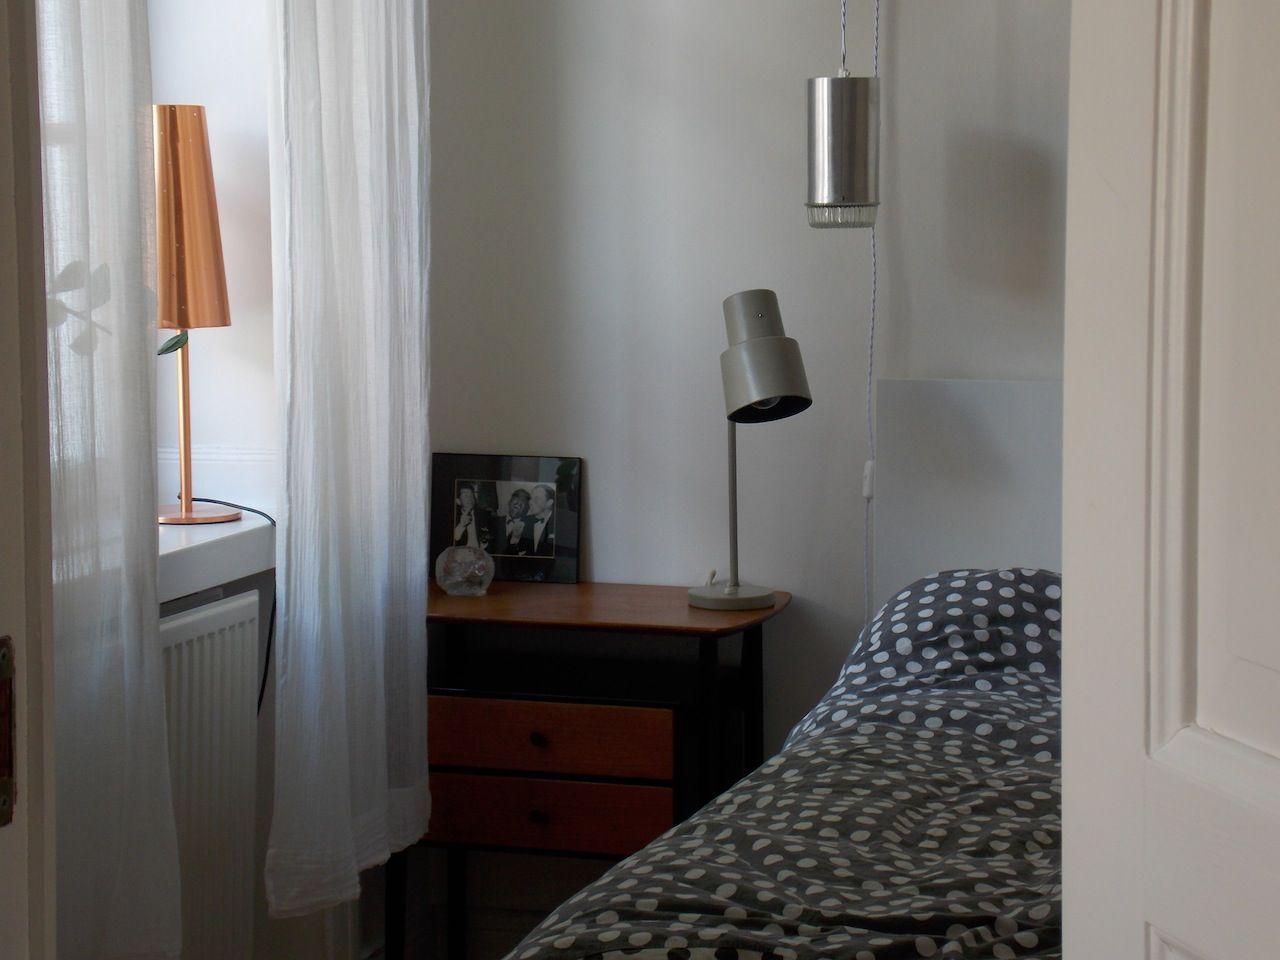 Alojarse en un apartamento11